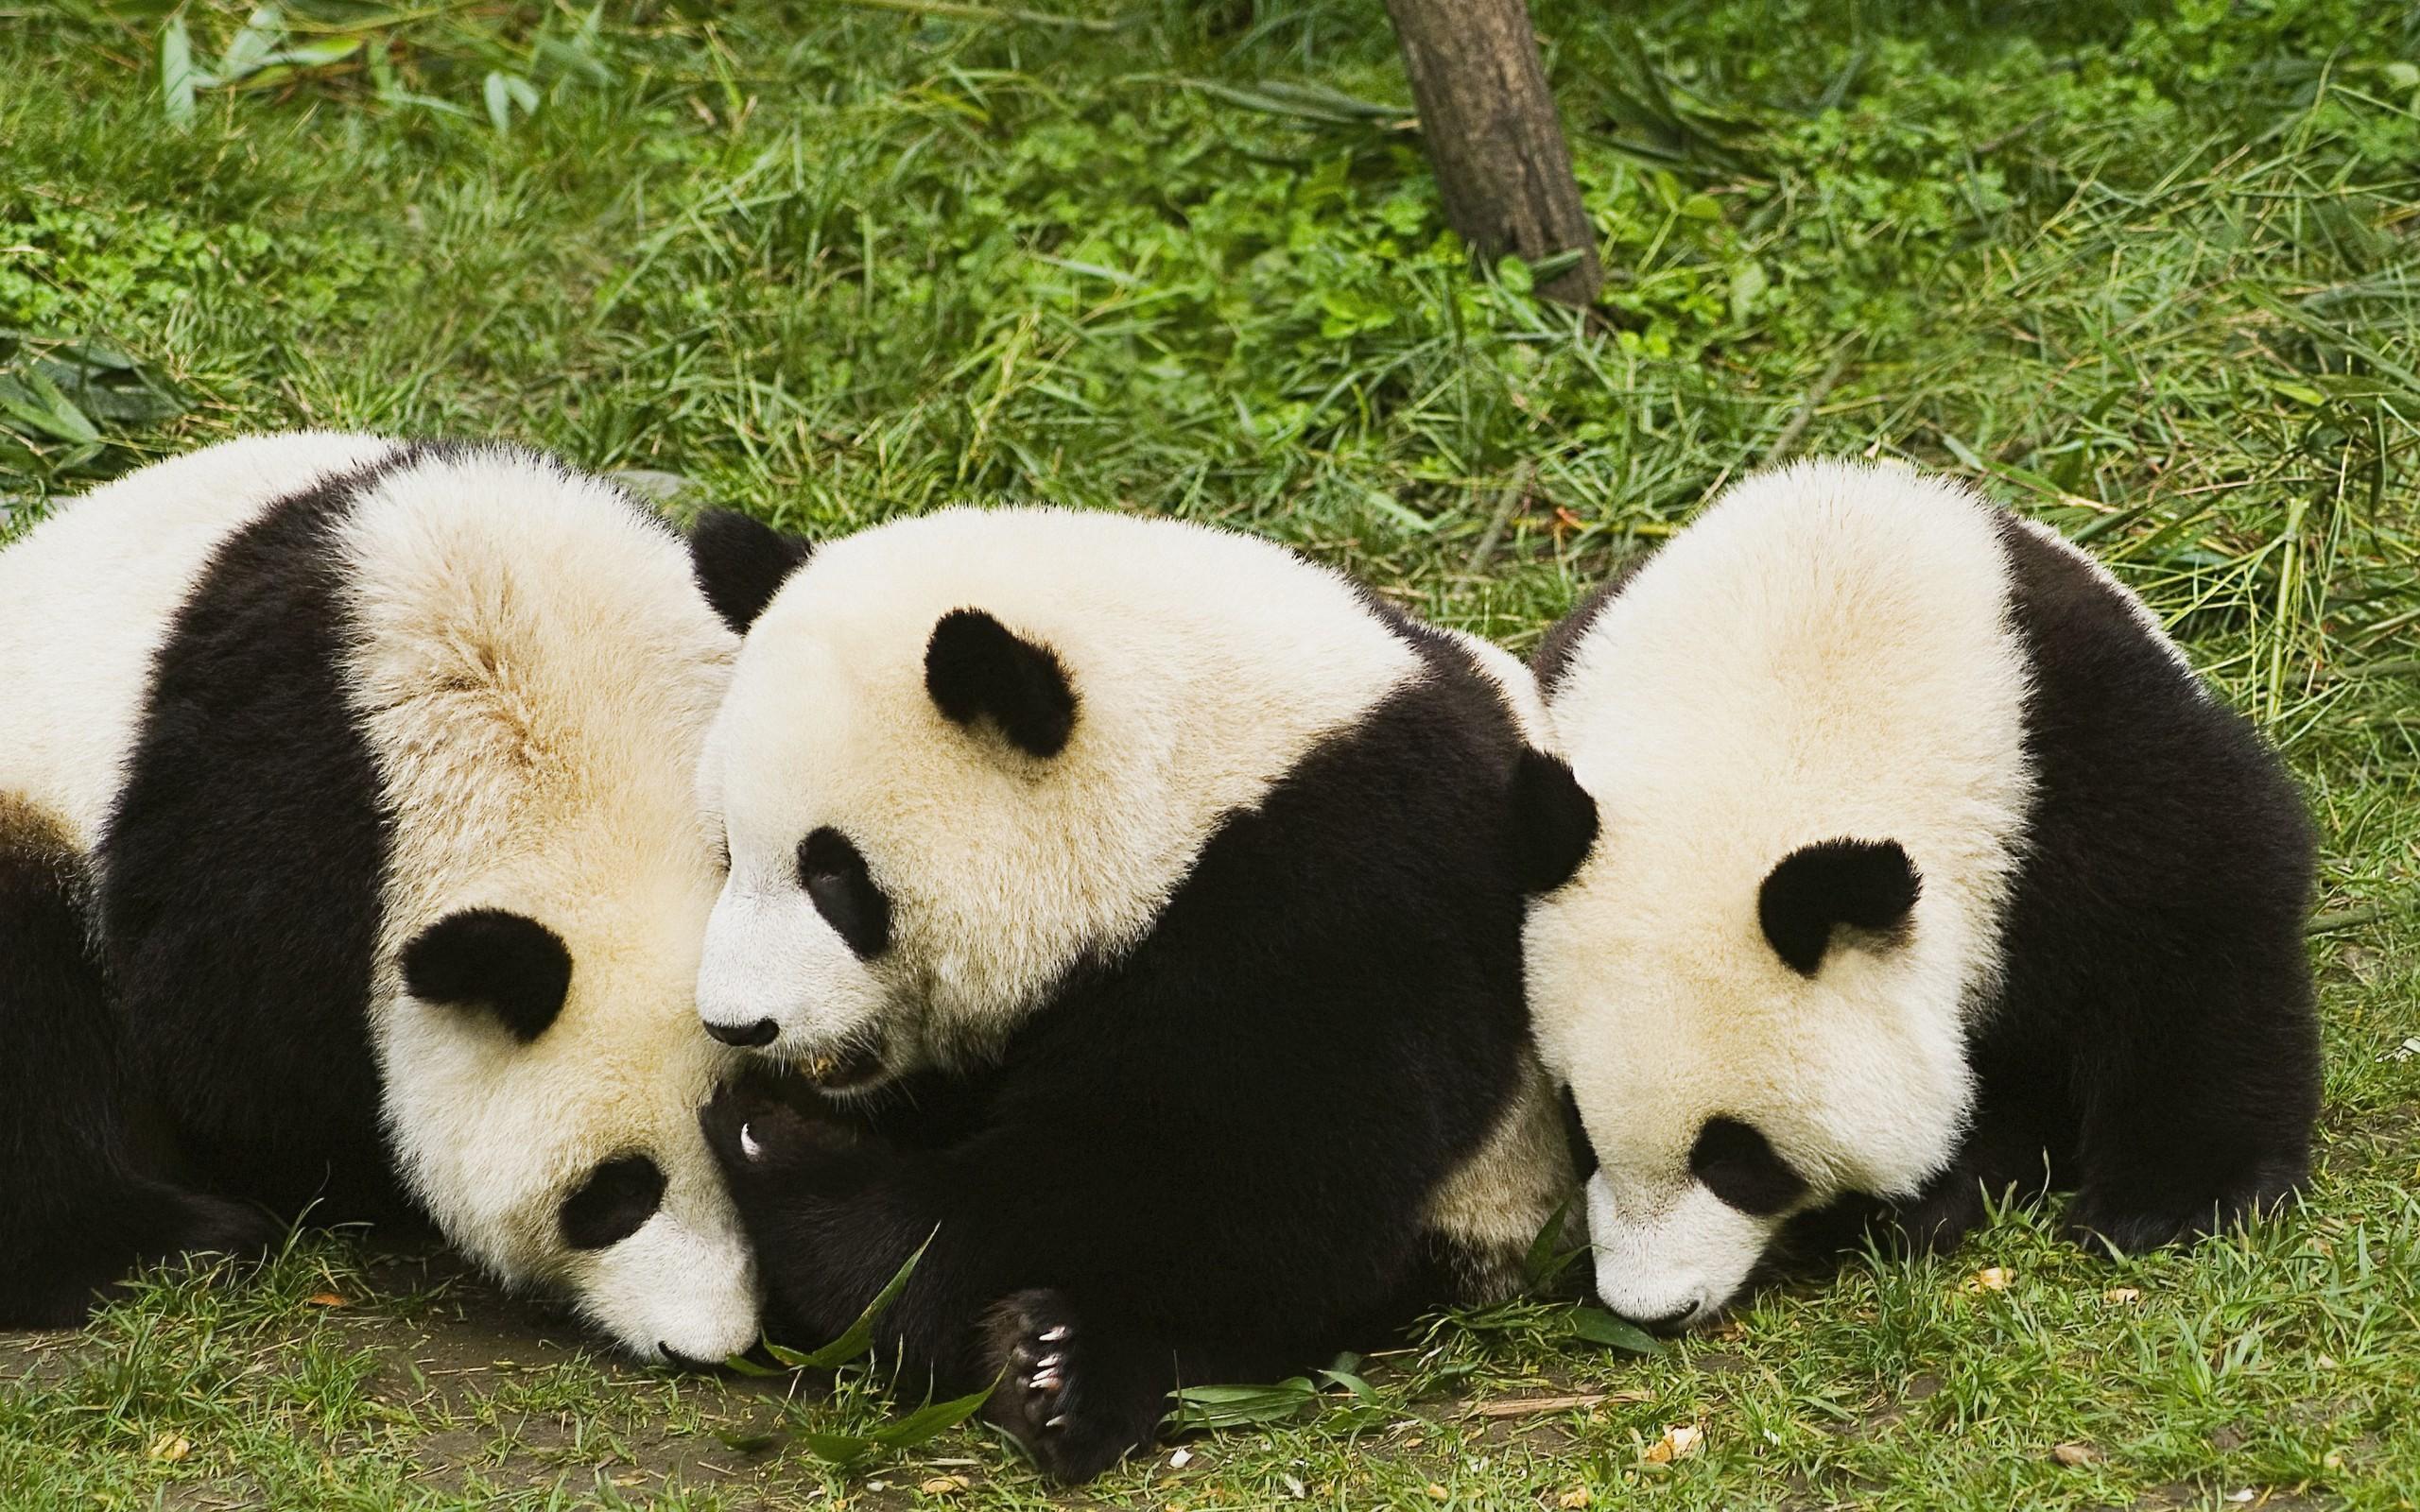 hd cute panda photos tumblr